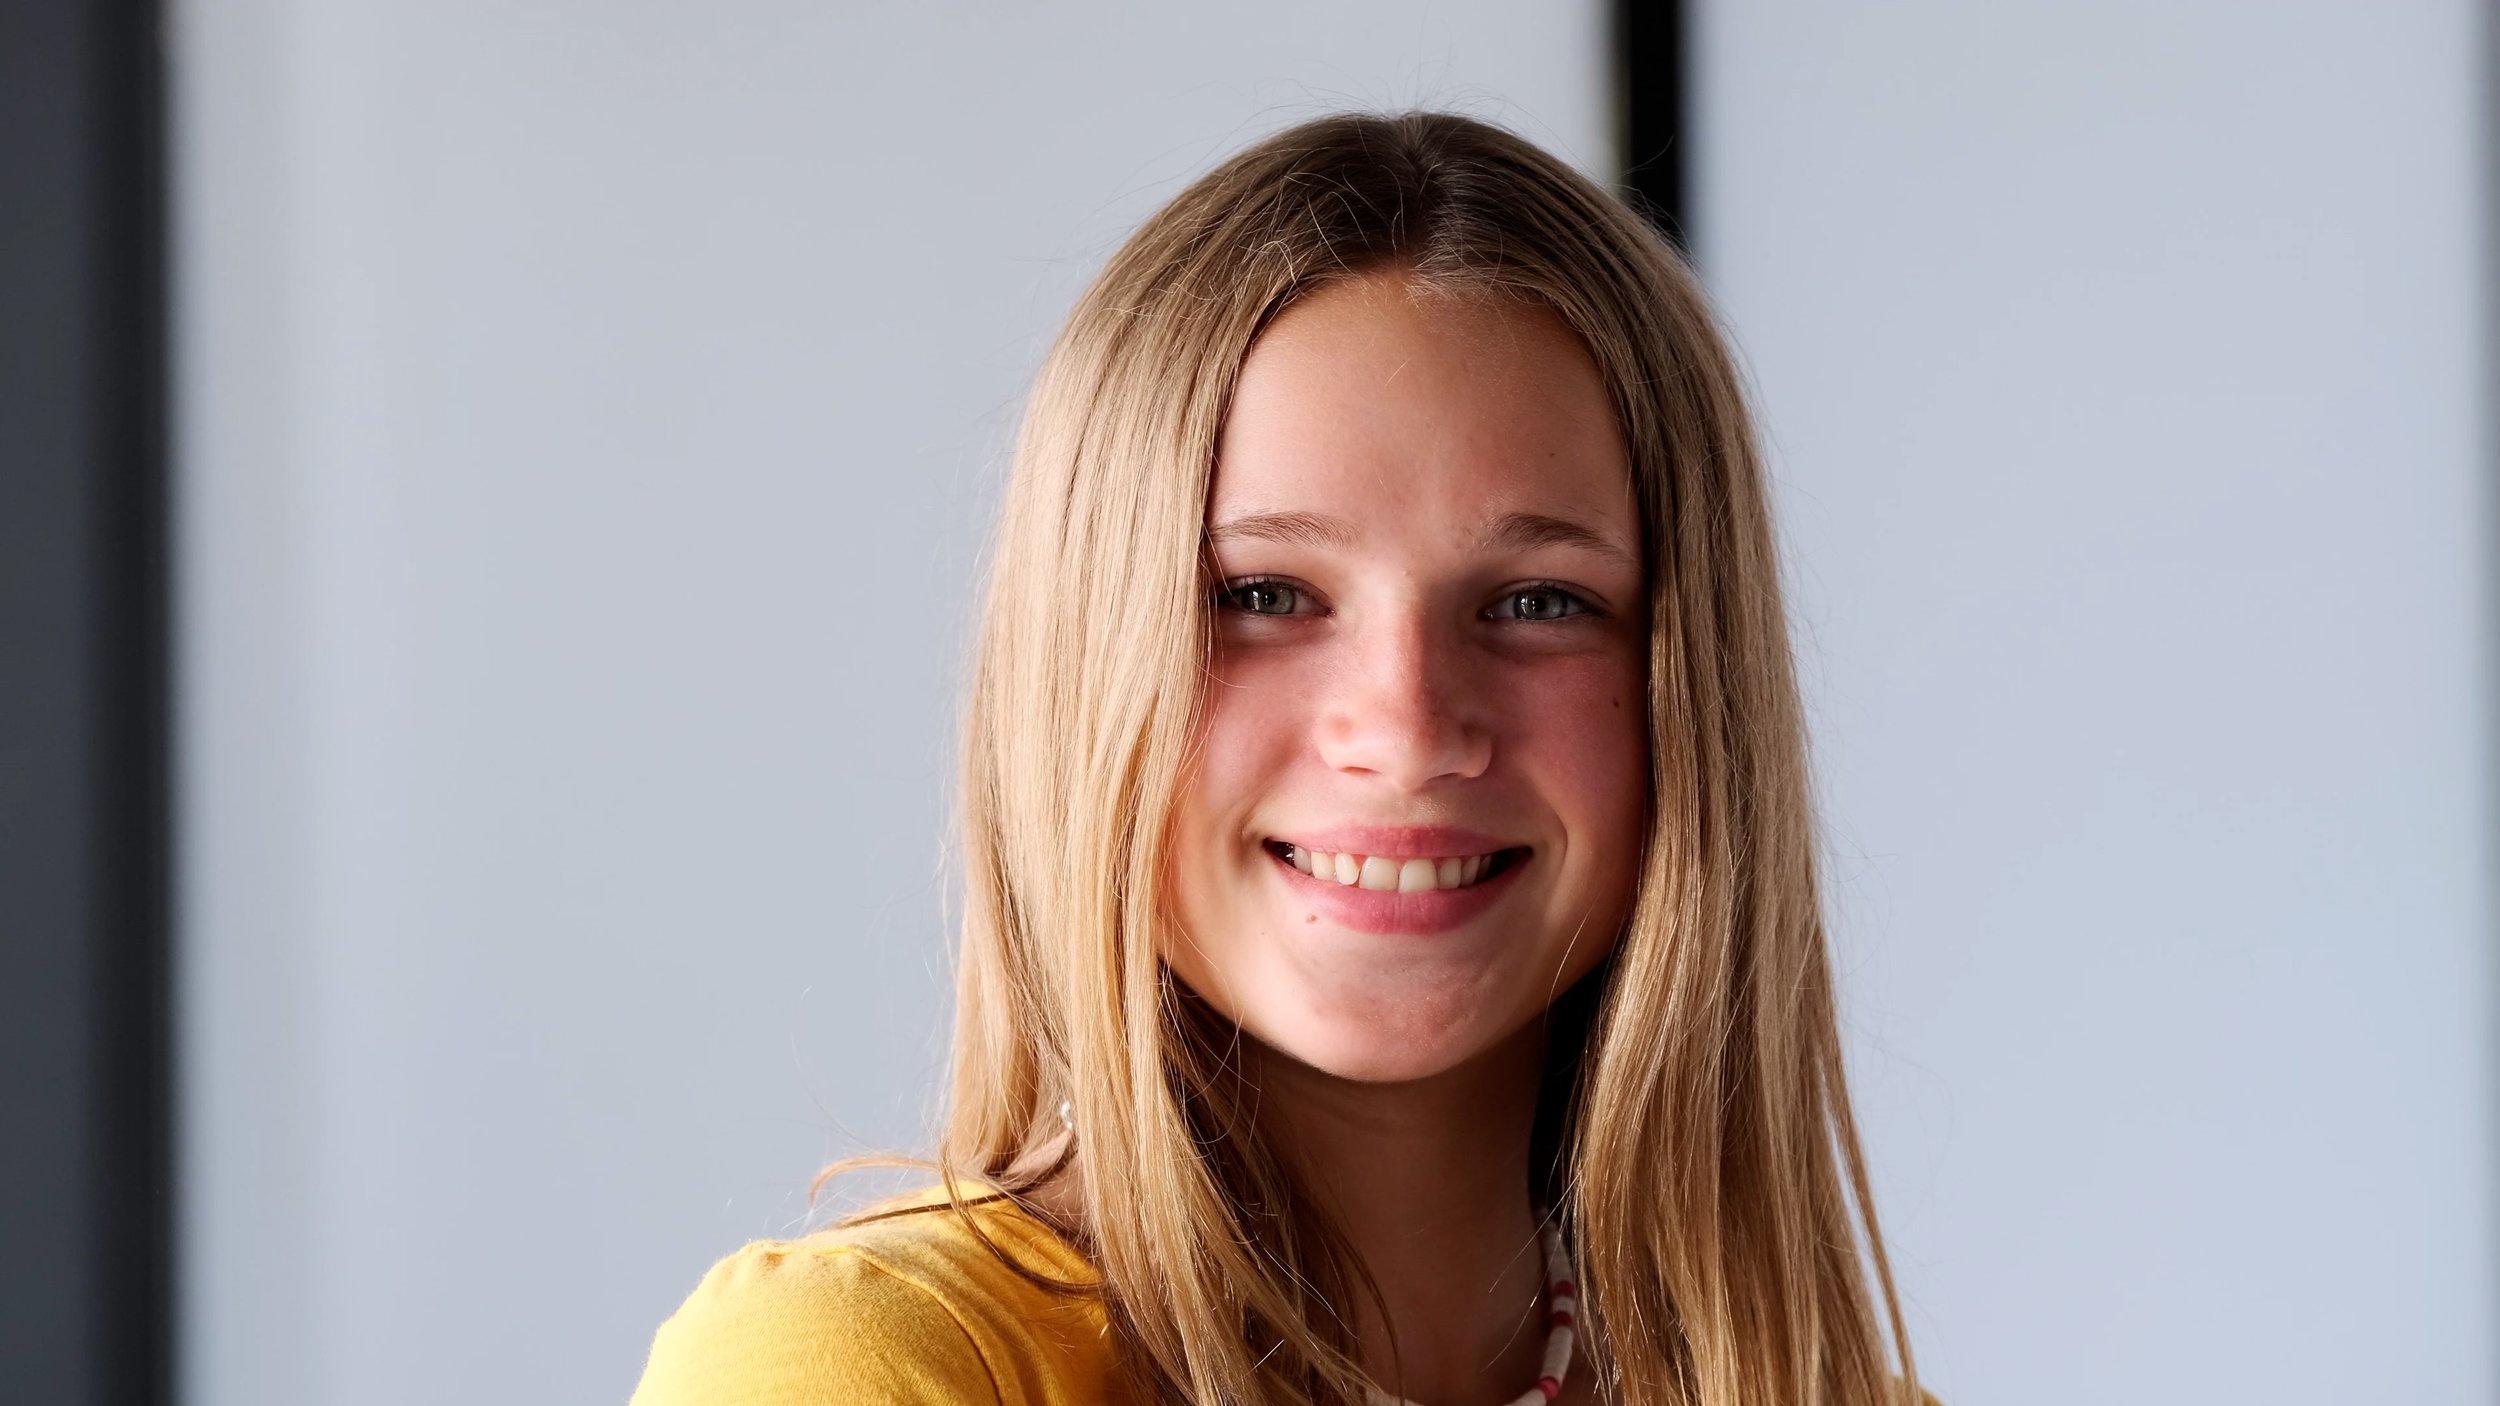 Gaby Smiling.jpg